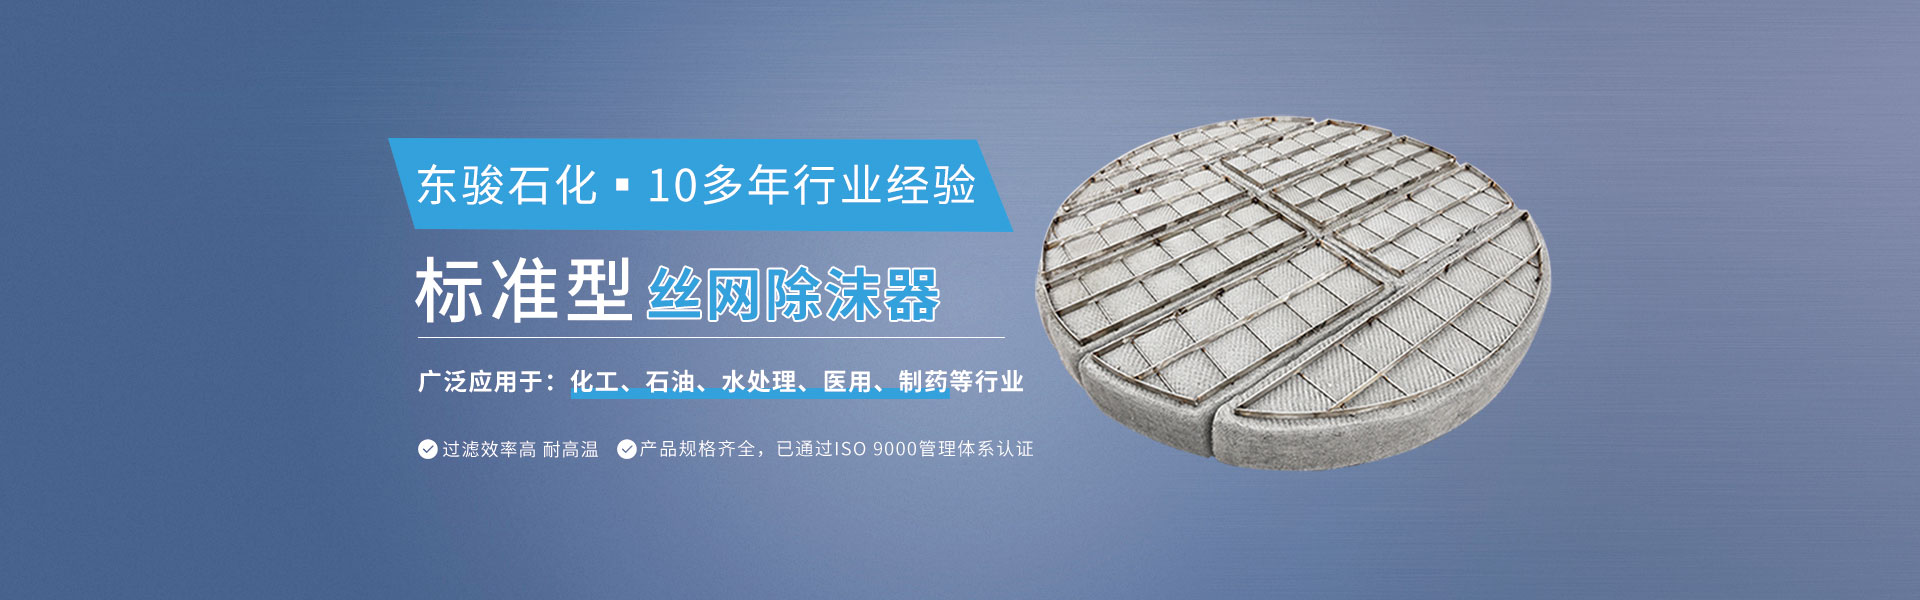 兴化市东骏石化丝网填料厂